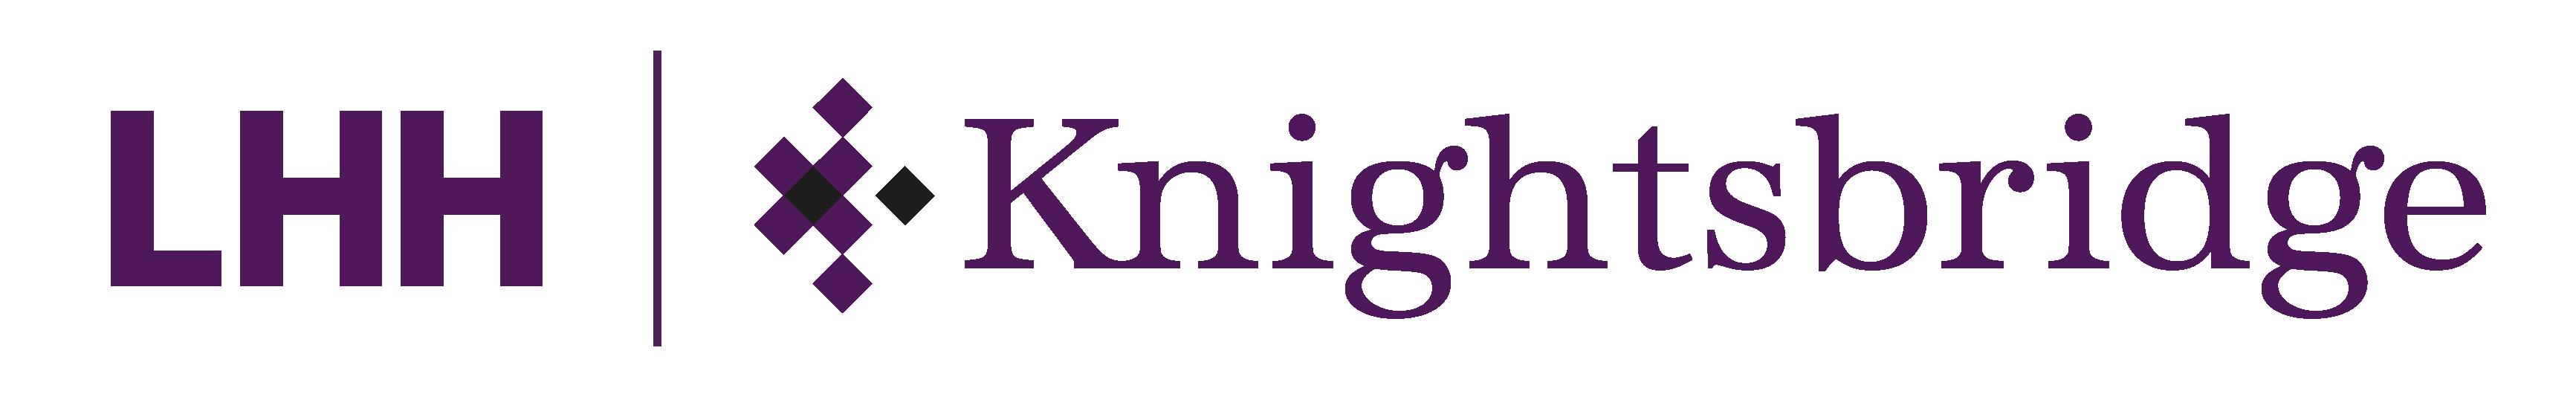 kb search logo